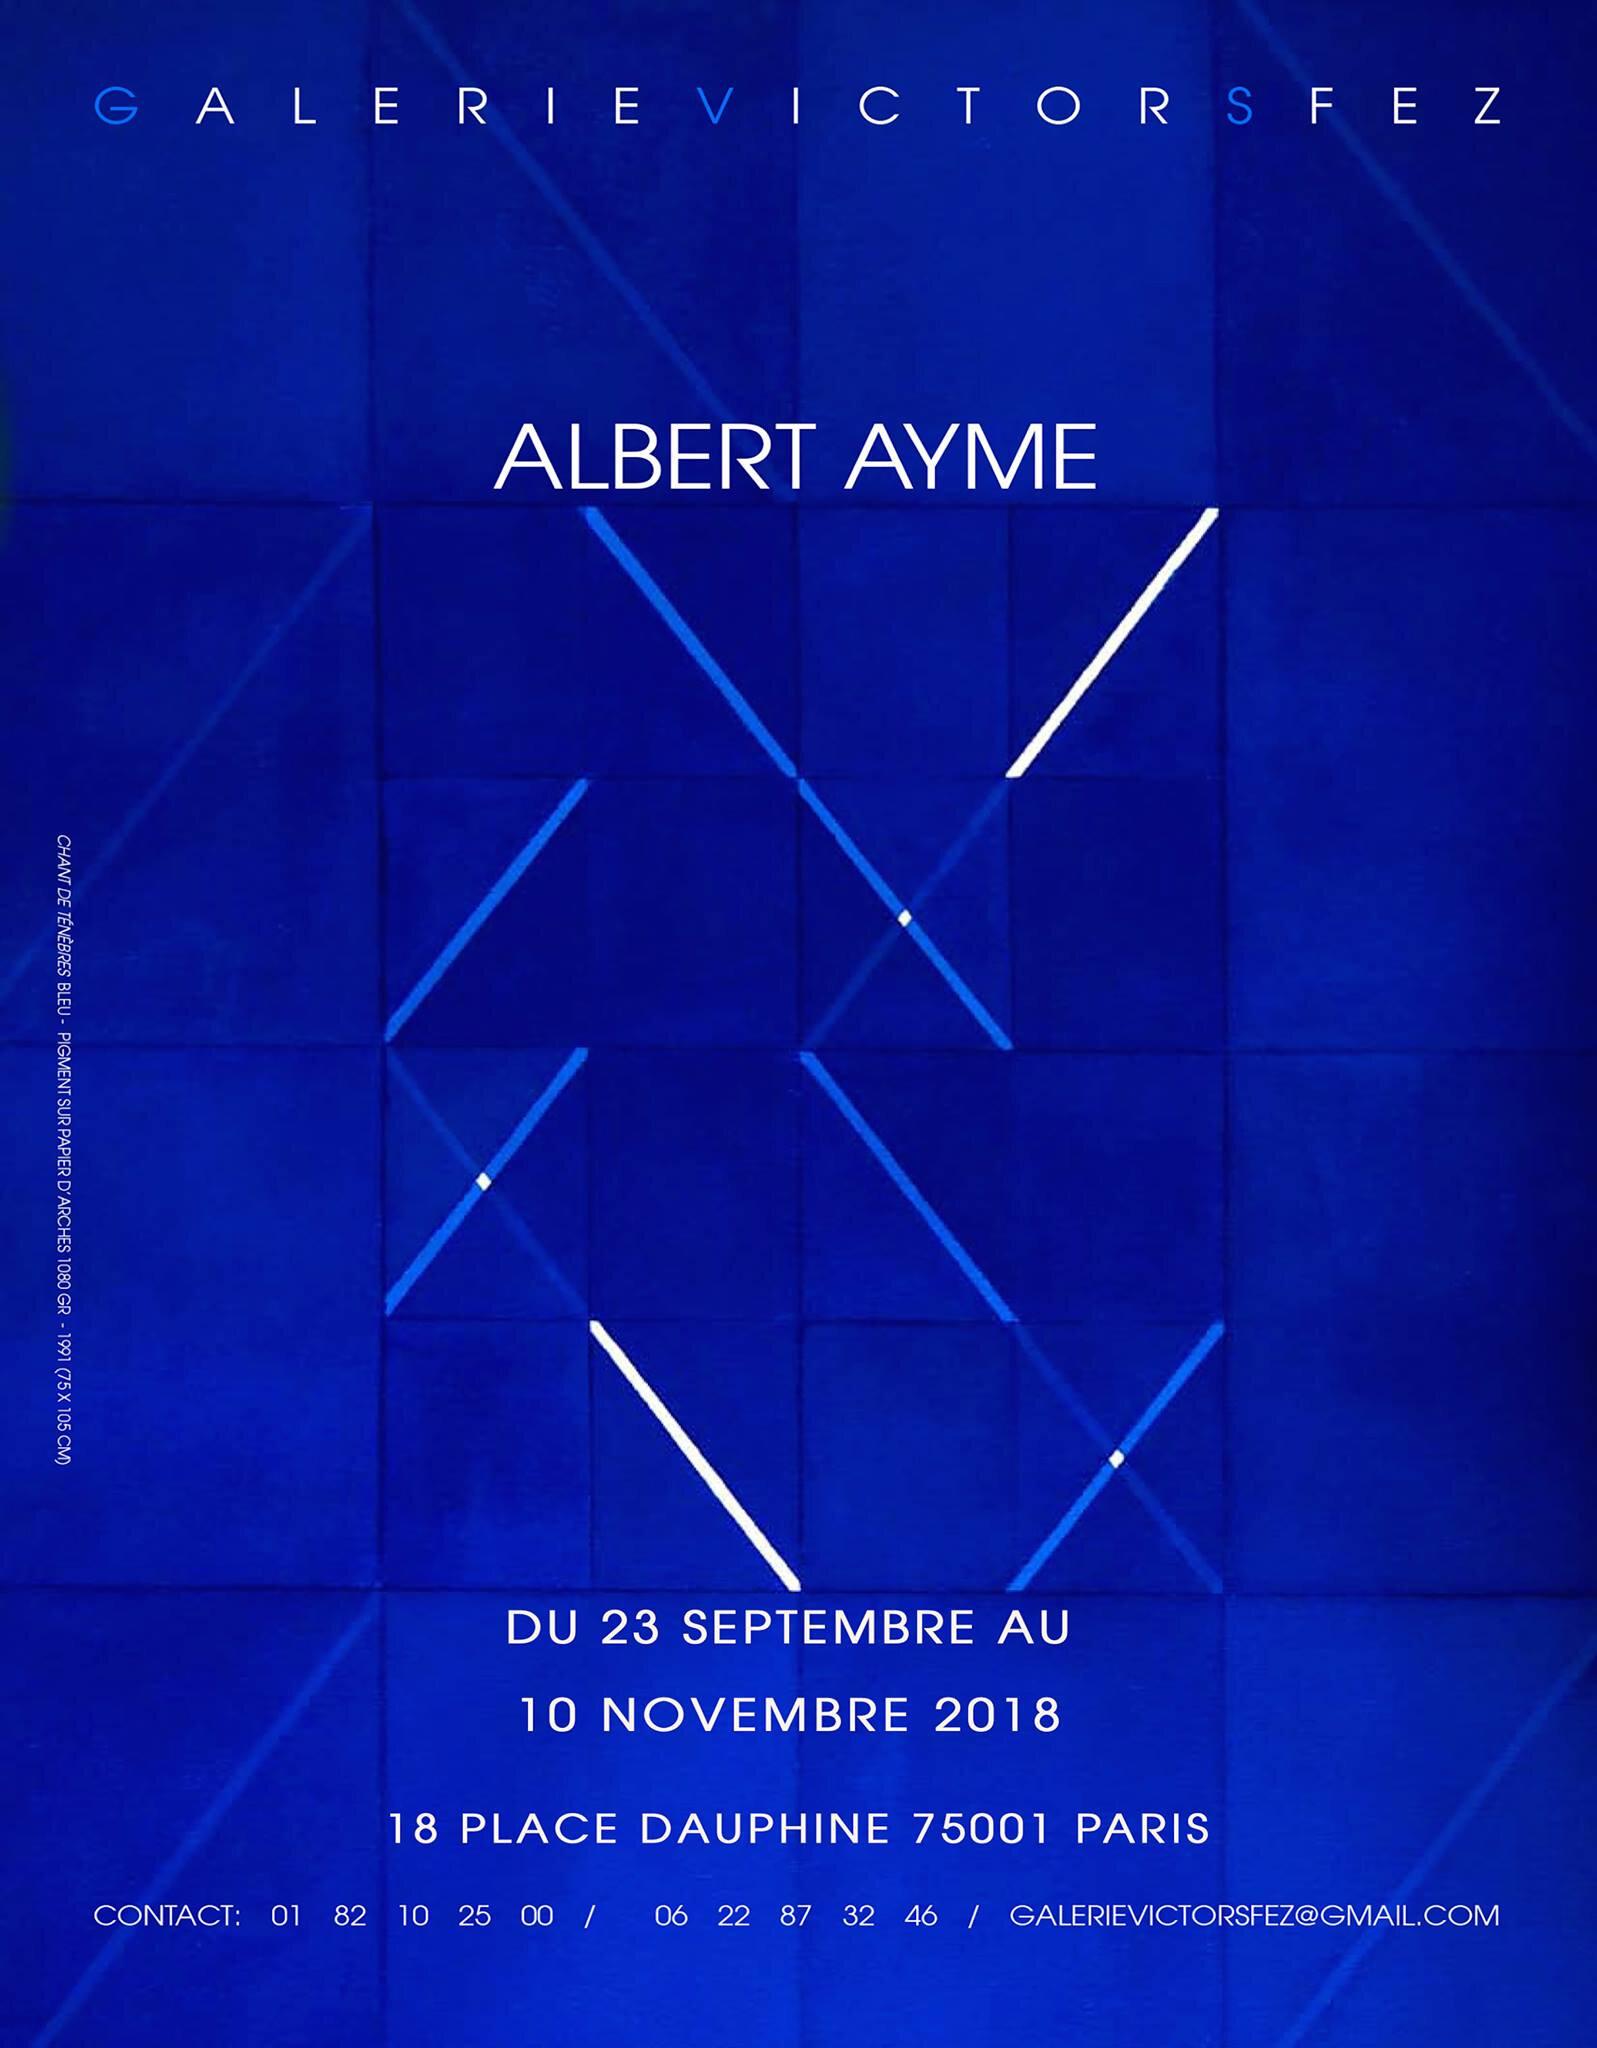 ALBERT AYME À LA GALERIE VICTOR SFEZ 23/09/2018 (ARTICLE DU 25/09/2018)